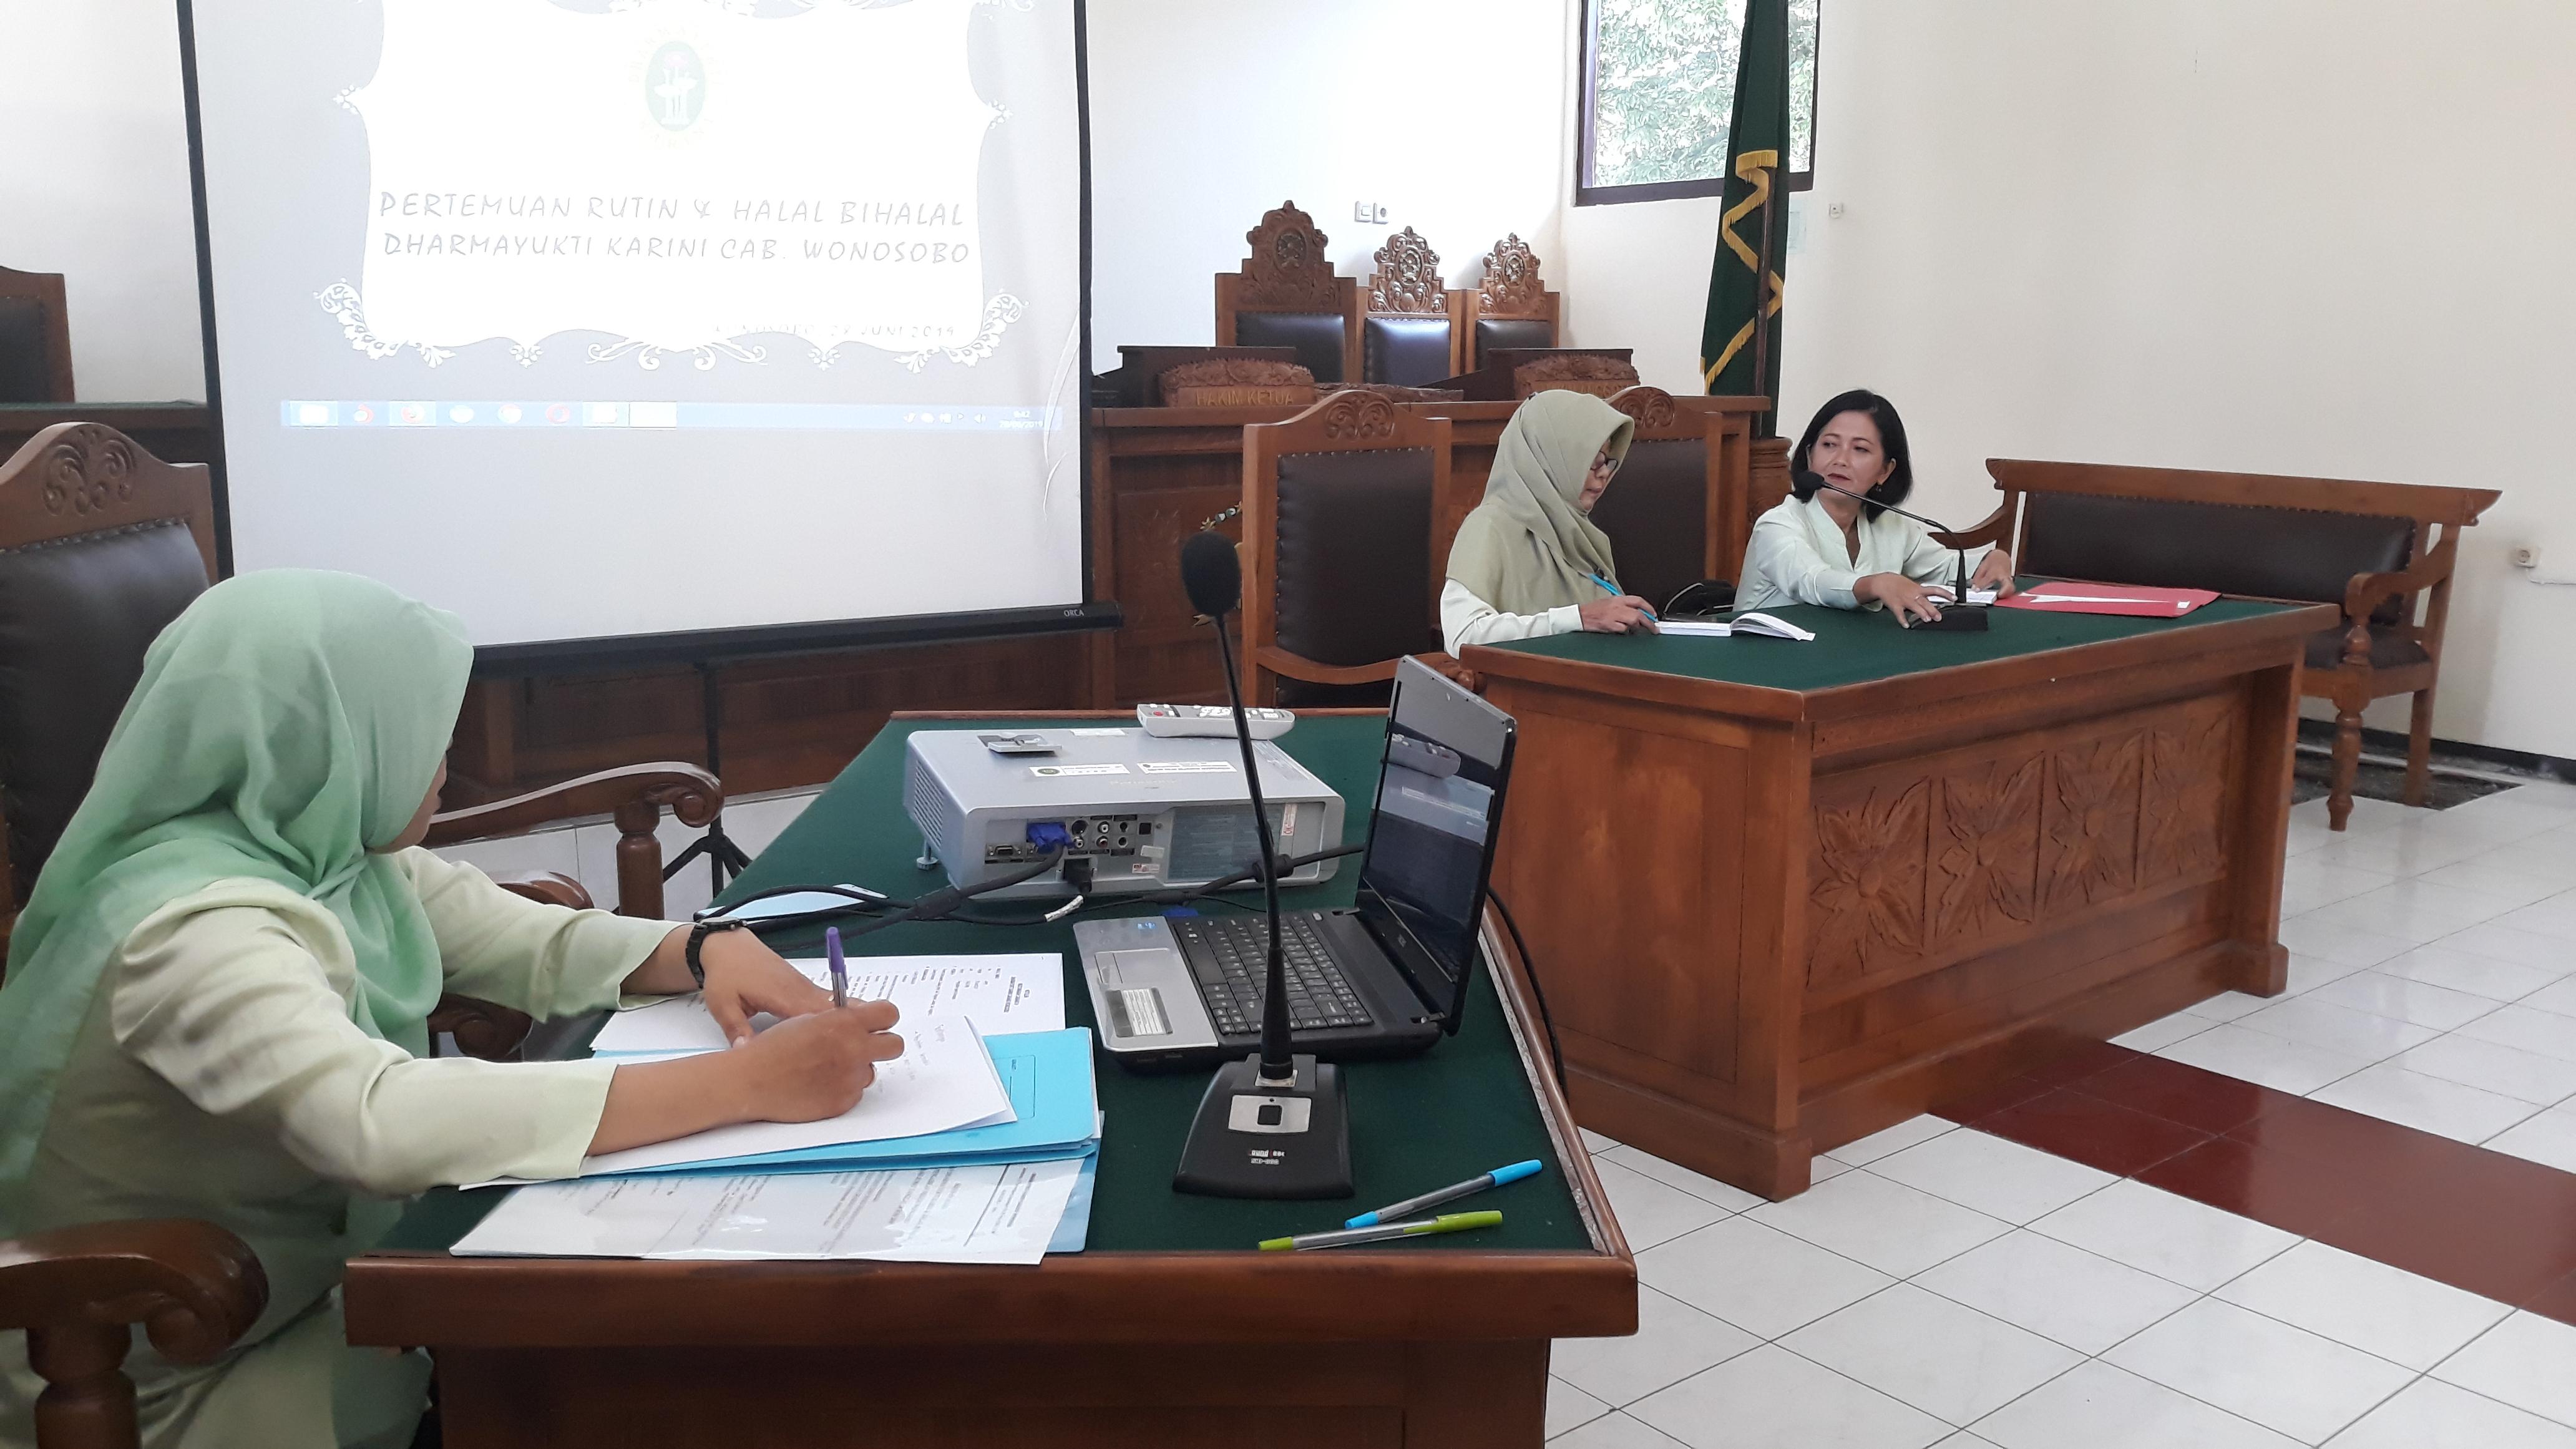 Pertemuan Rutin dan Halal Bi Halal Dharmayukti Karini Cabang Wonosobo